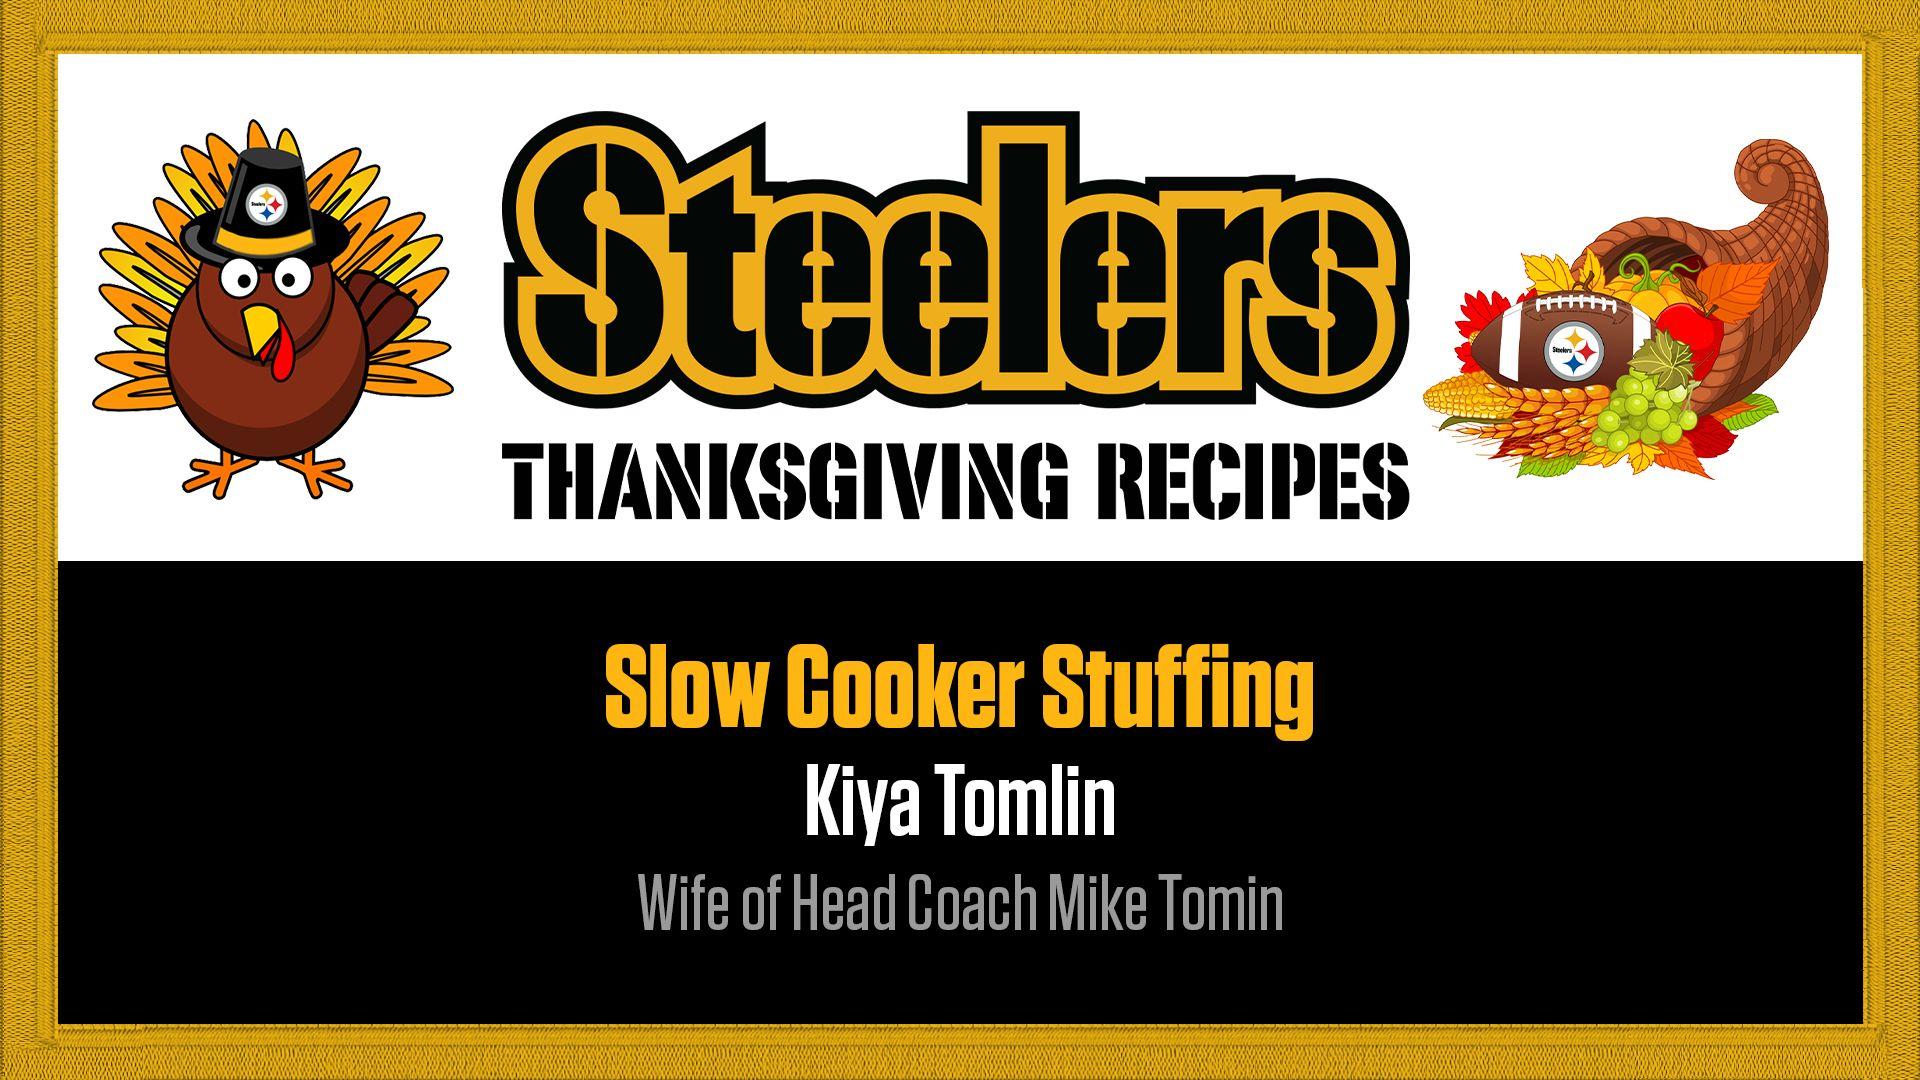 Recipe-slow cooker stuffing_kiya tomlin